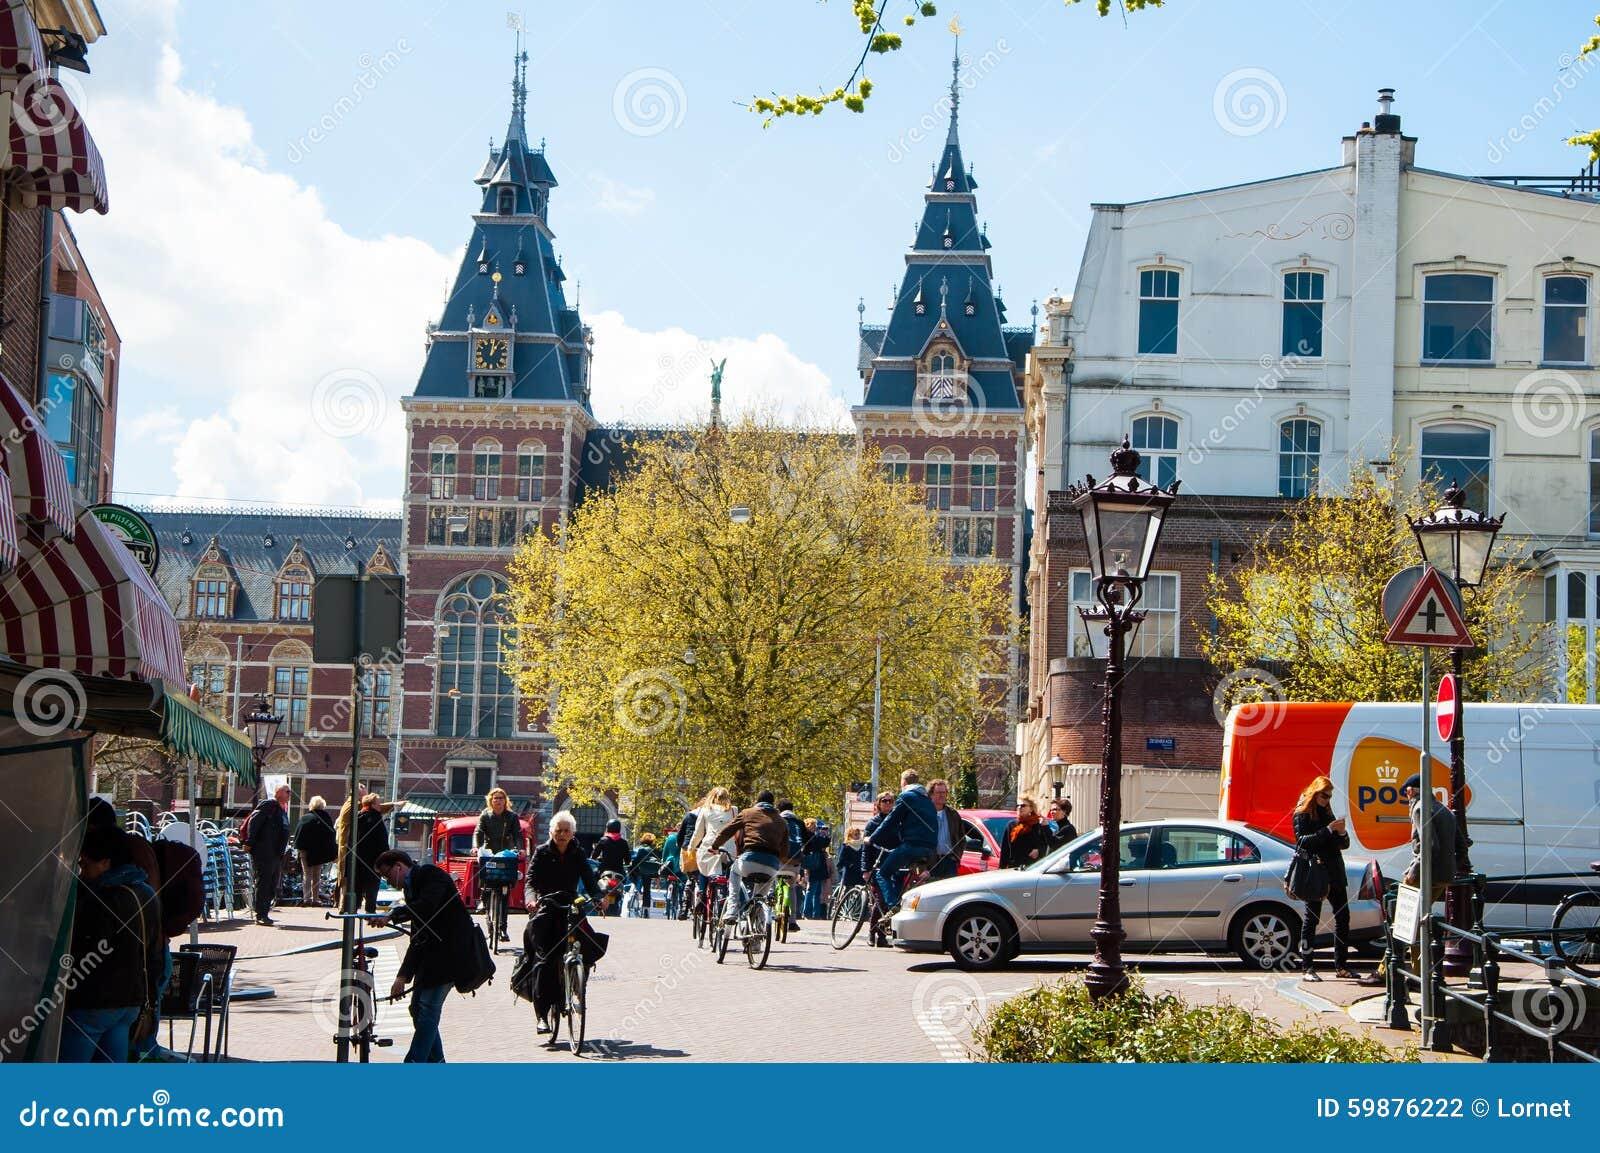 AMSTERDAM 30 DE ABRIL: La gente local monta las bicicletas en la calle de Amsterdam, el Rijksmuseum es visible en el fondo